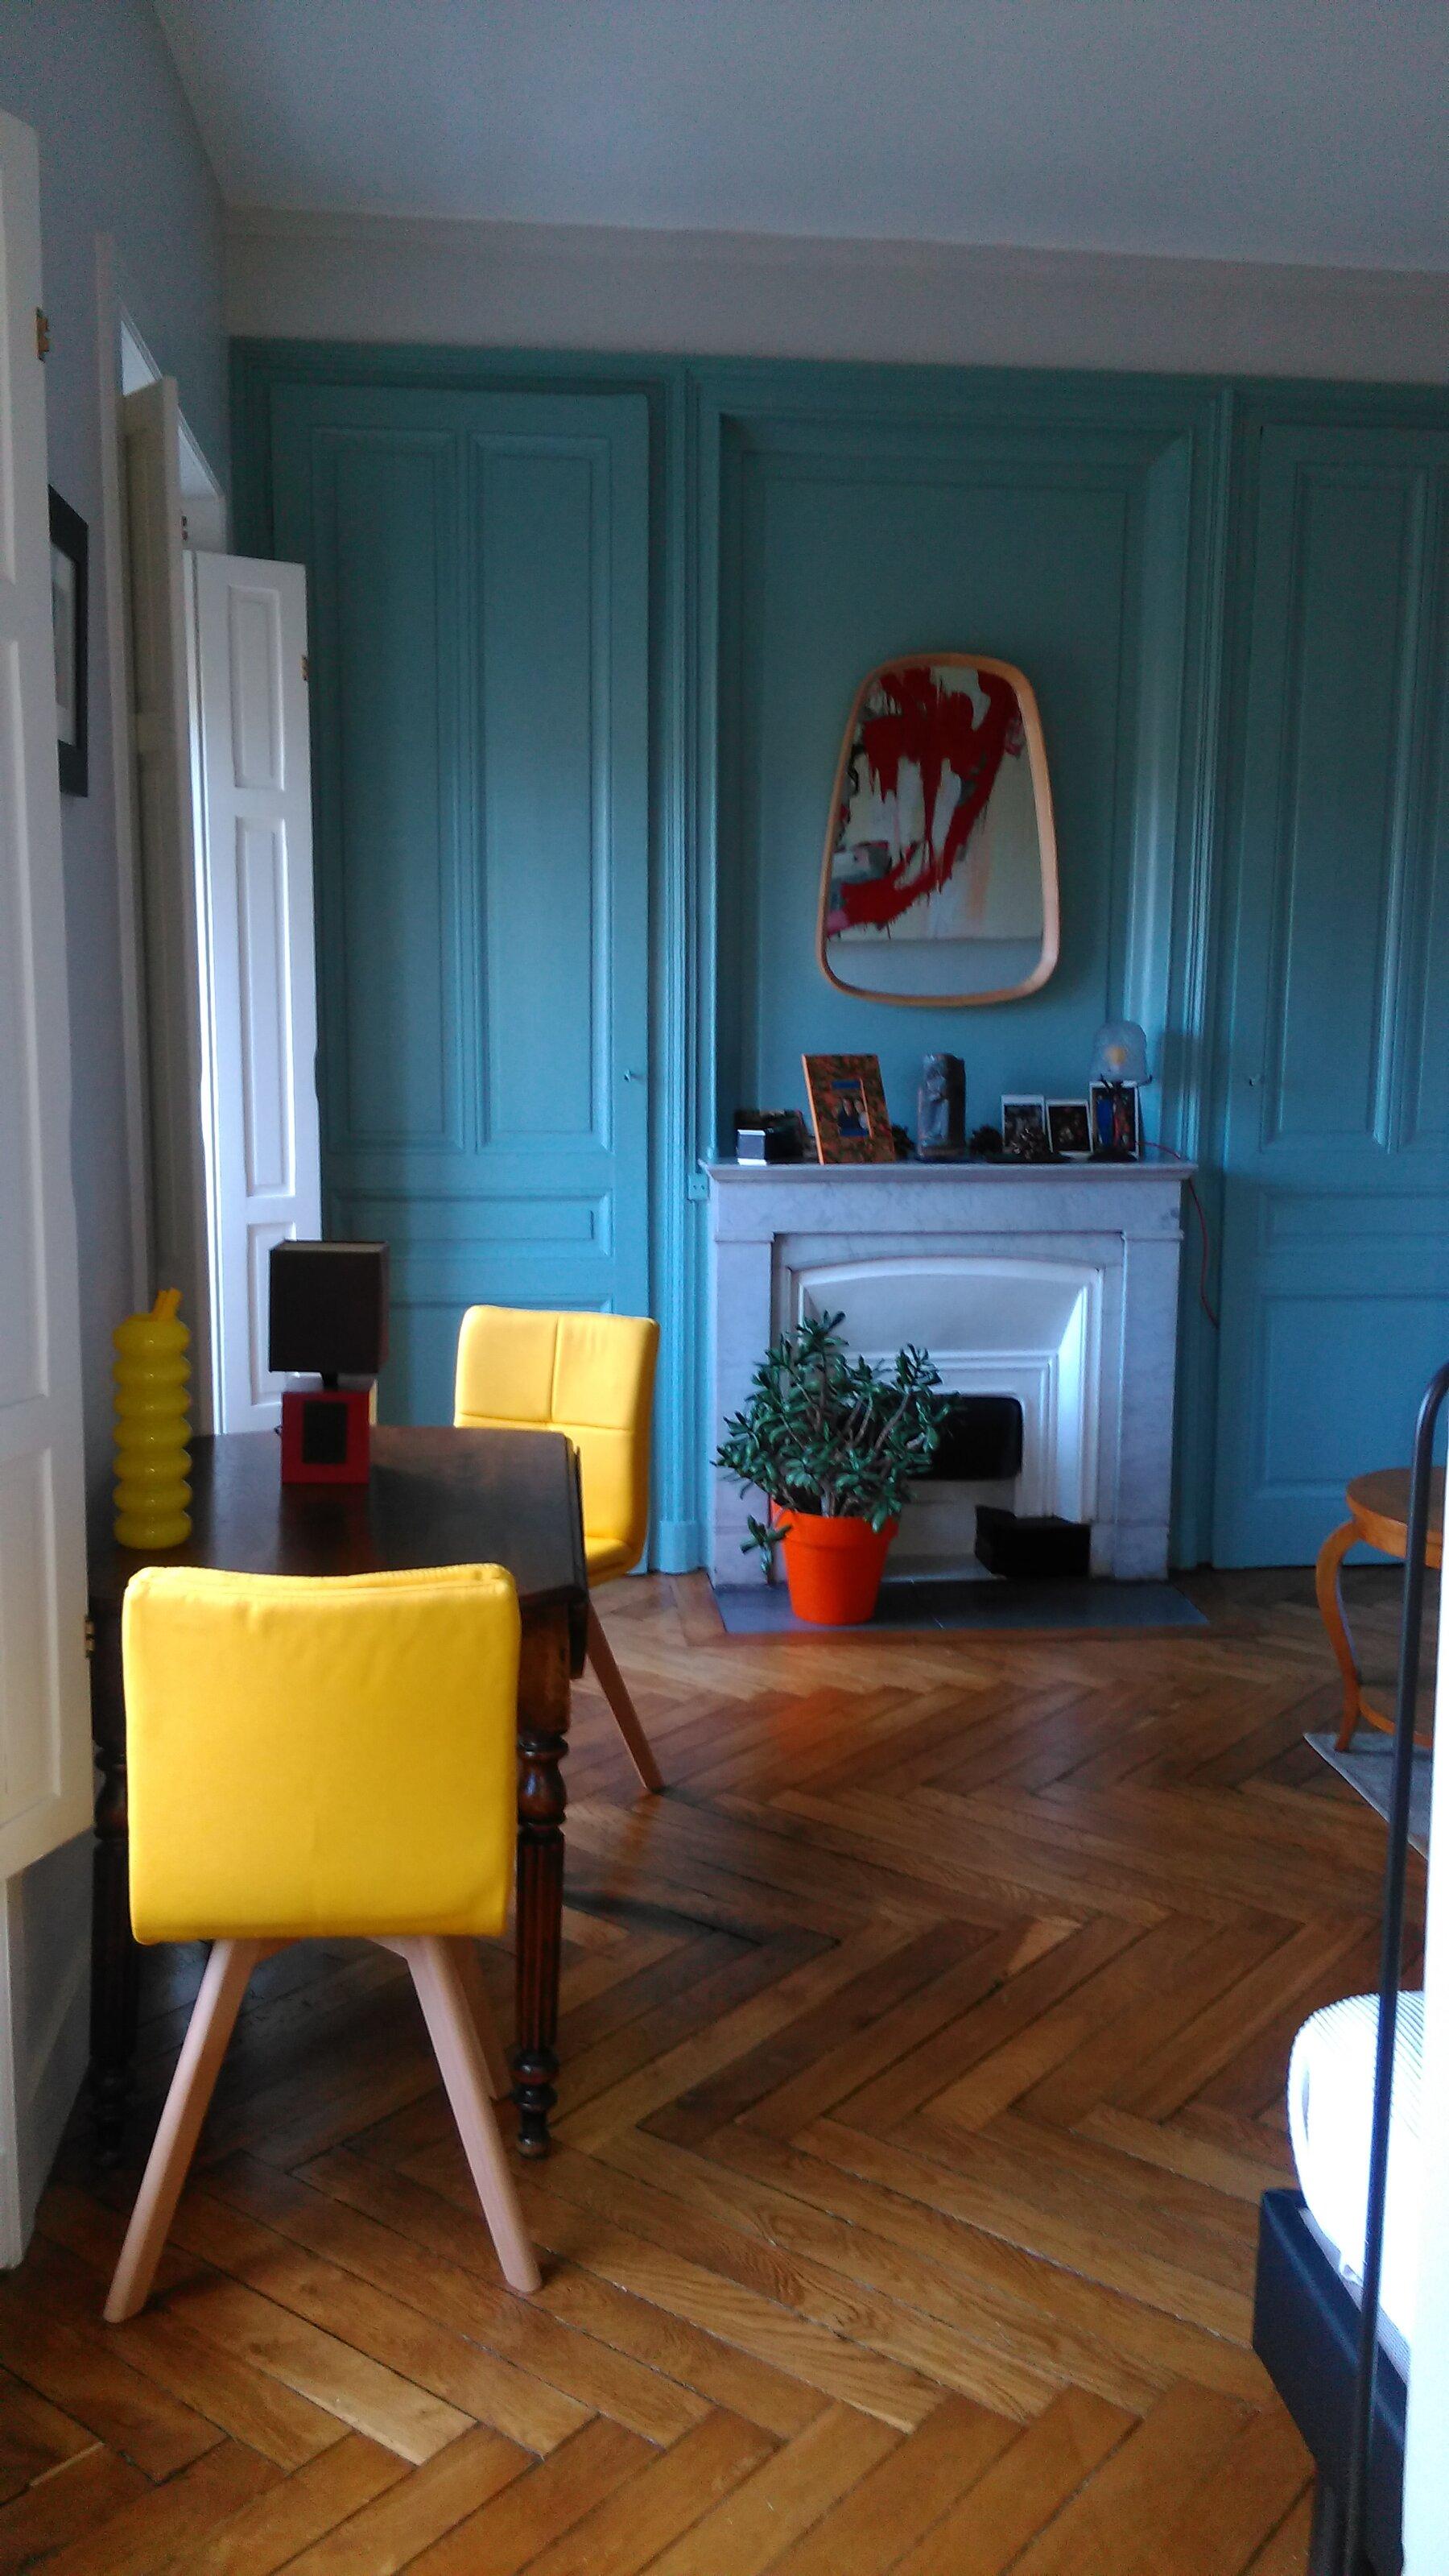 Appartement bd de la croix rousse